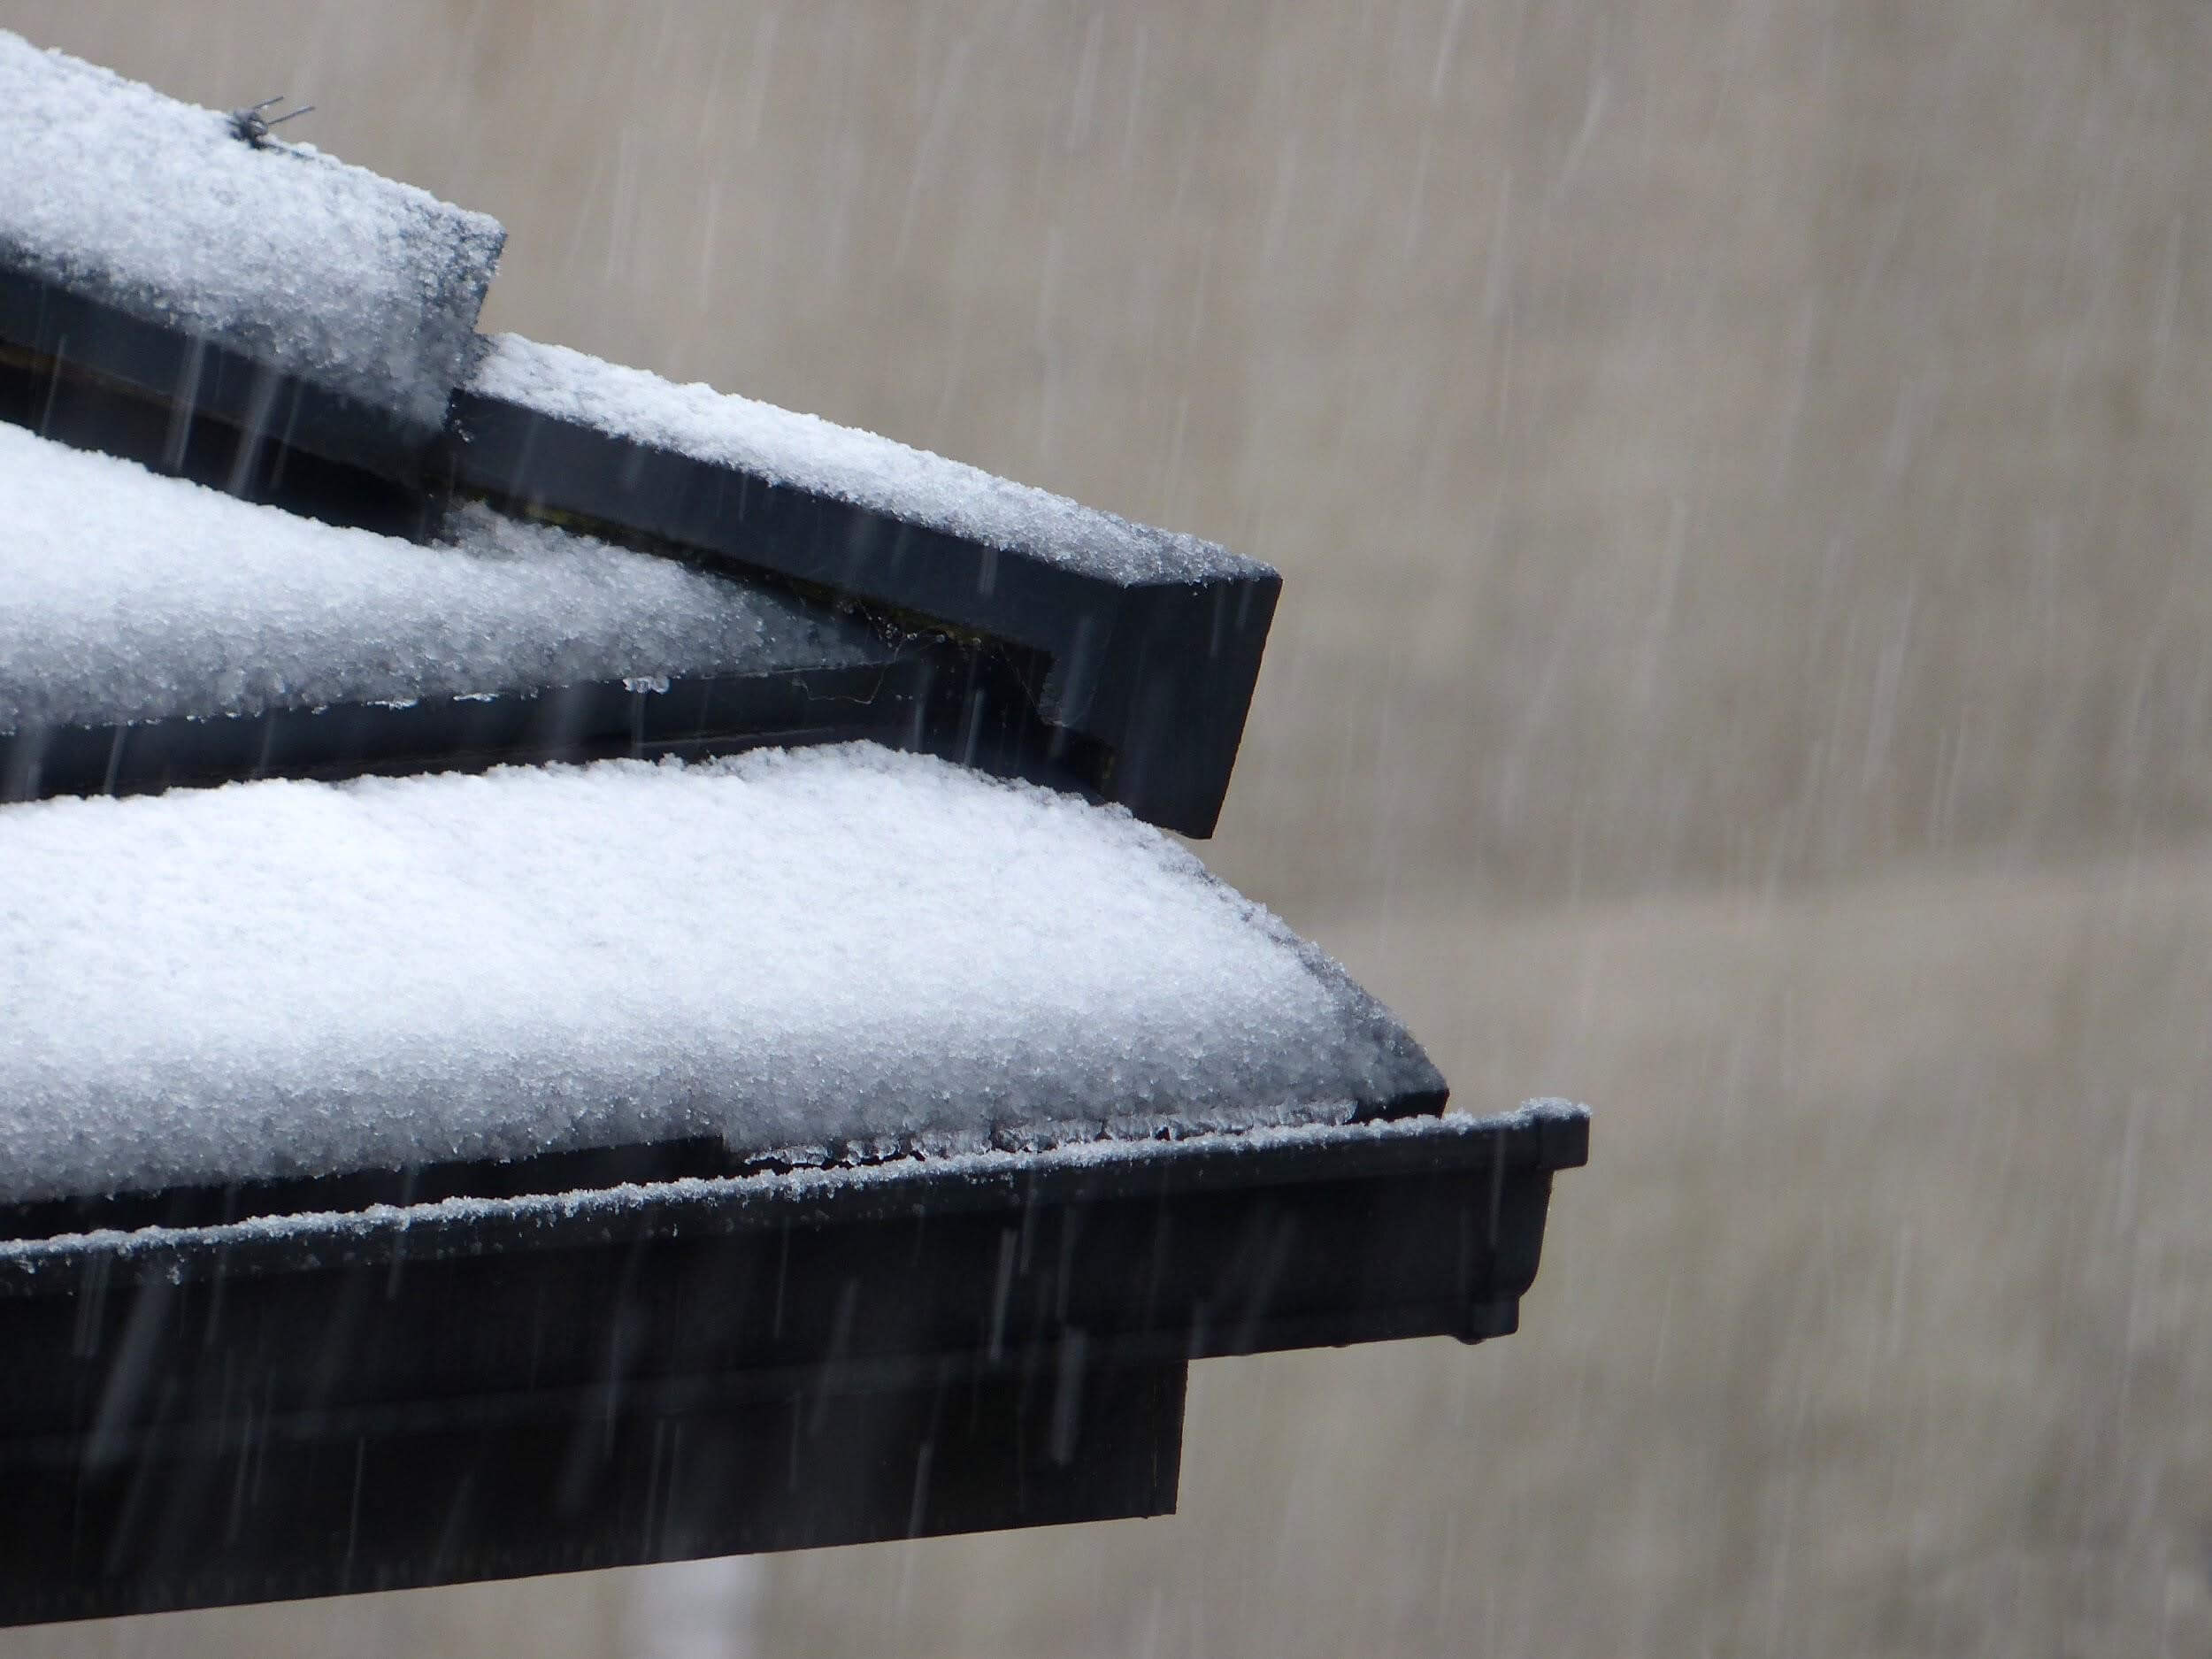 一般地域の方が危険な雪質